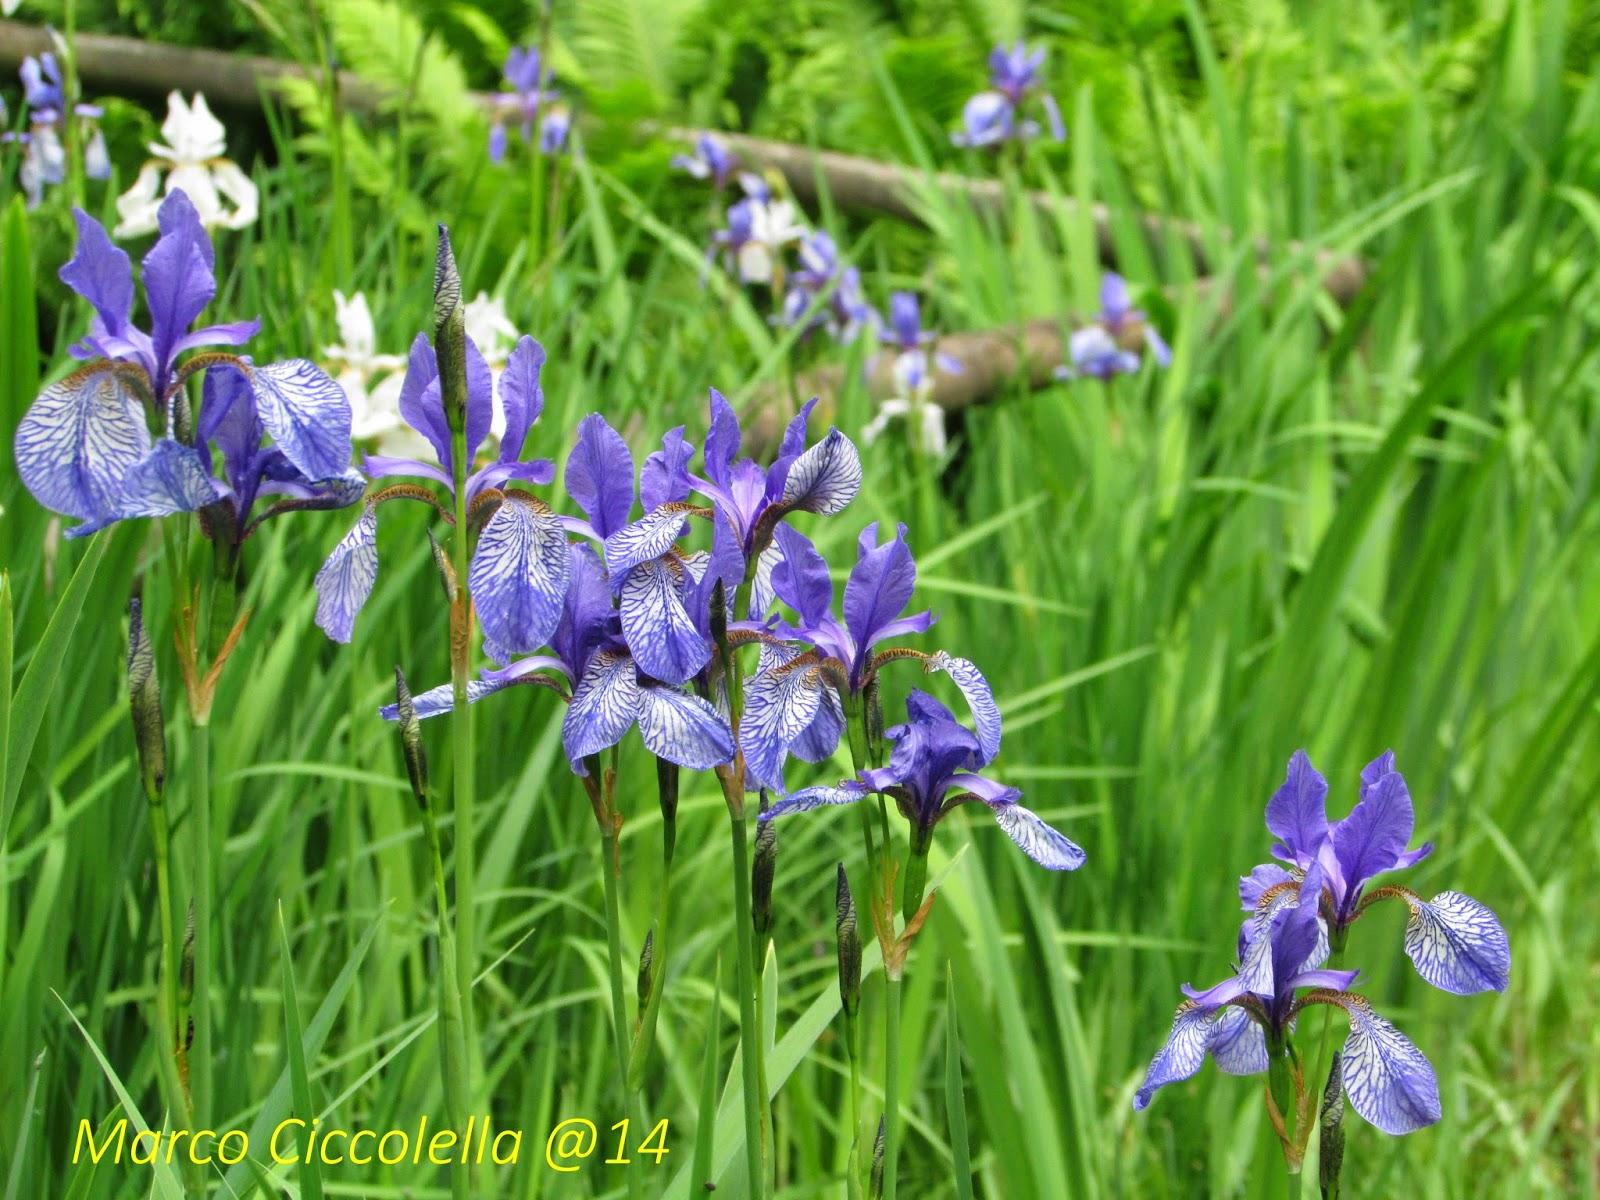 Giardino Pietra Corva : Guida naturalistica in oltrepò pavese giardino botanico alpino